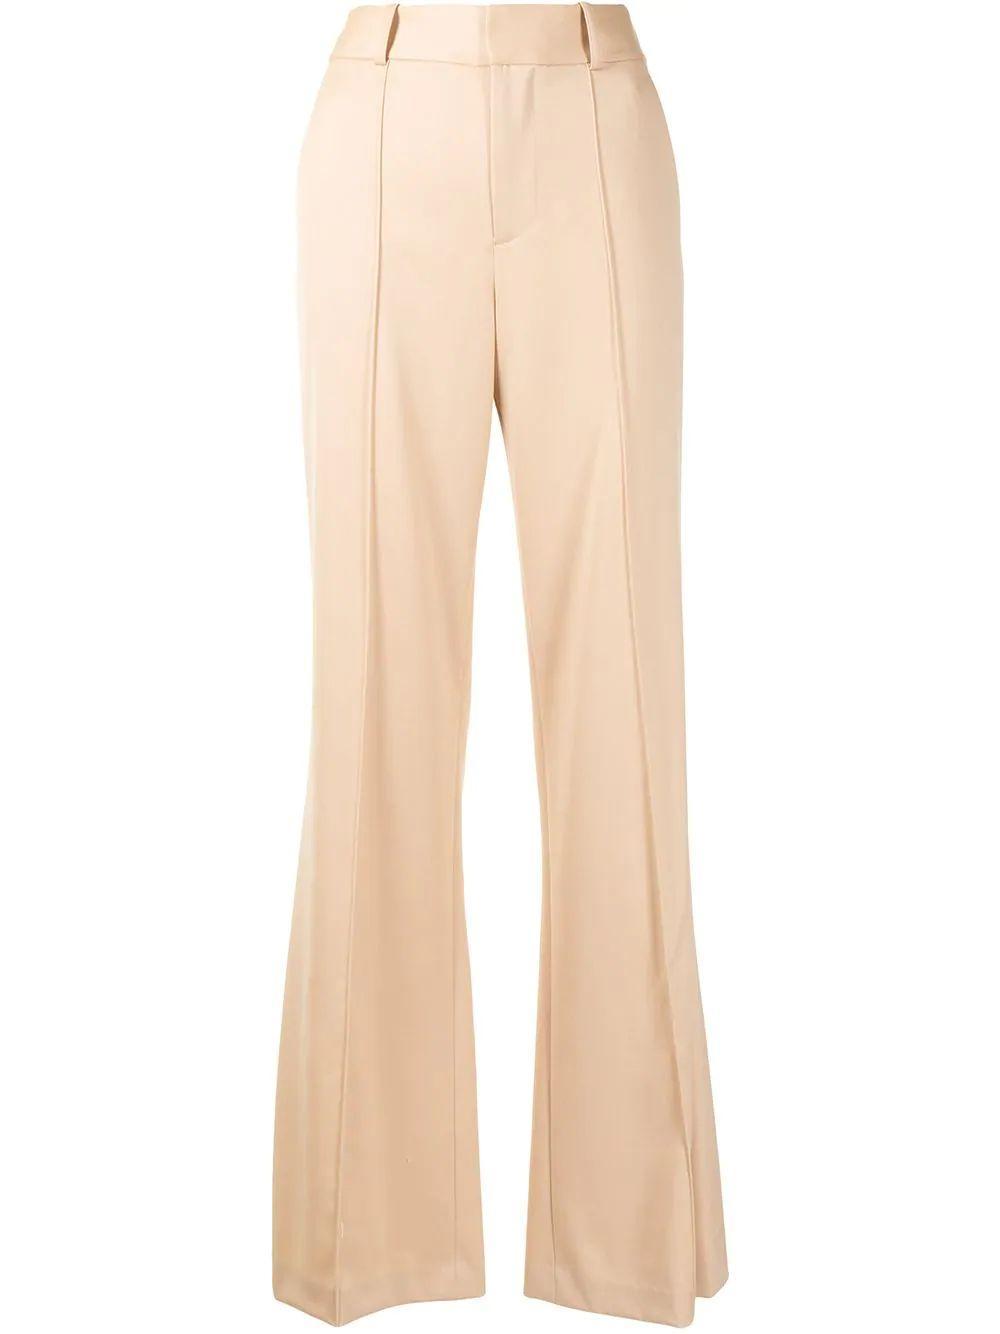 Paula High Waisted Trousers